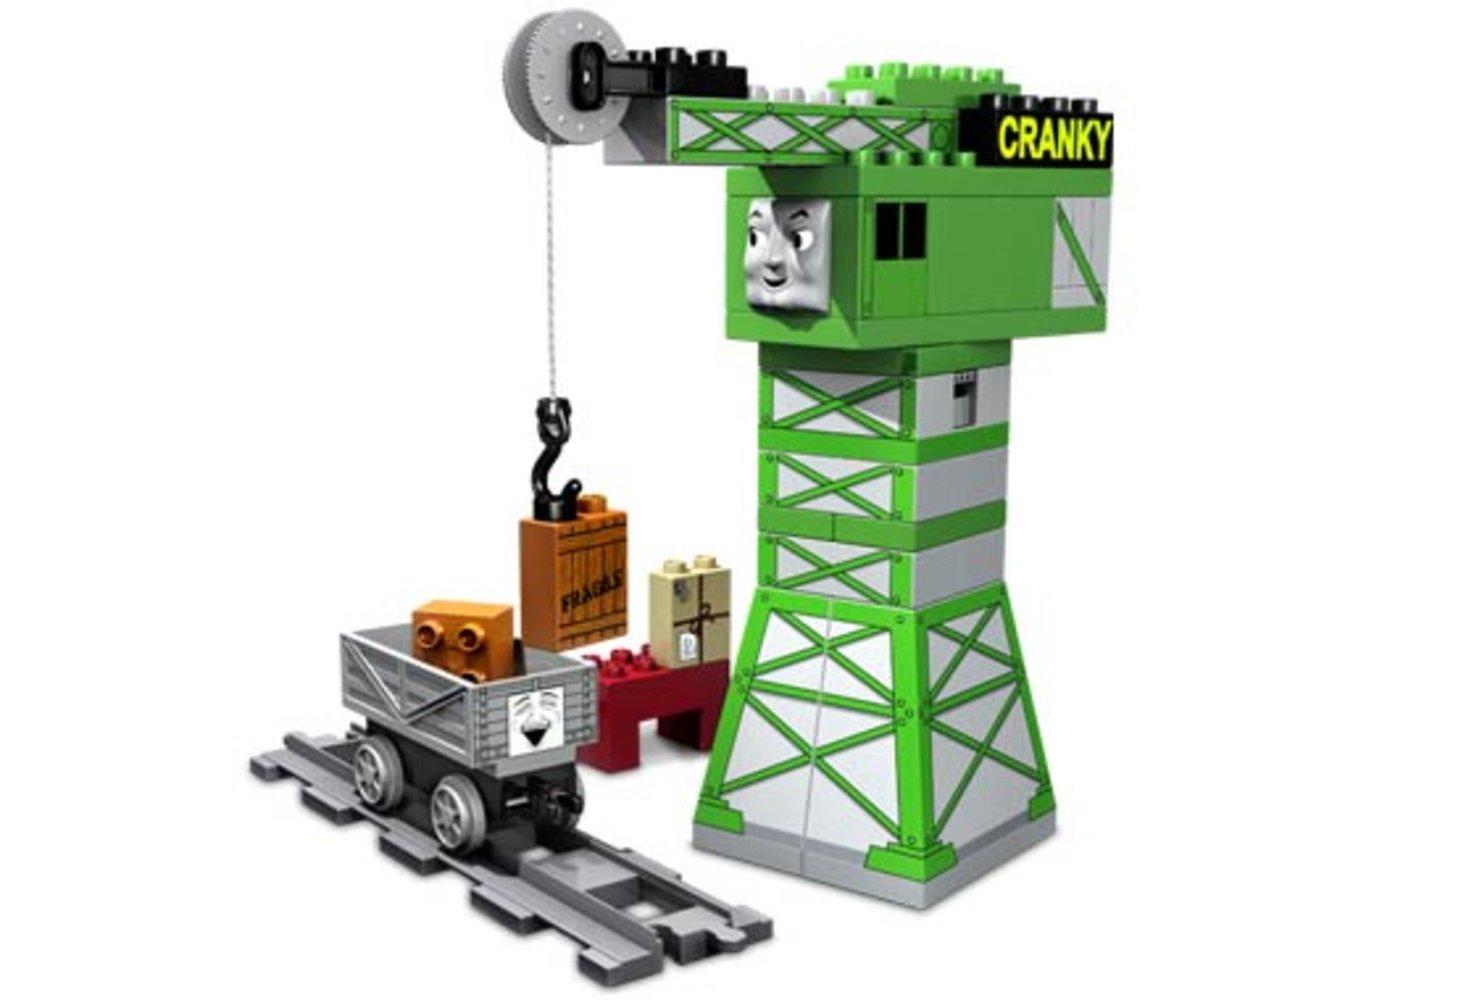 Cranky-Loading Crane